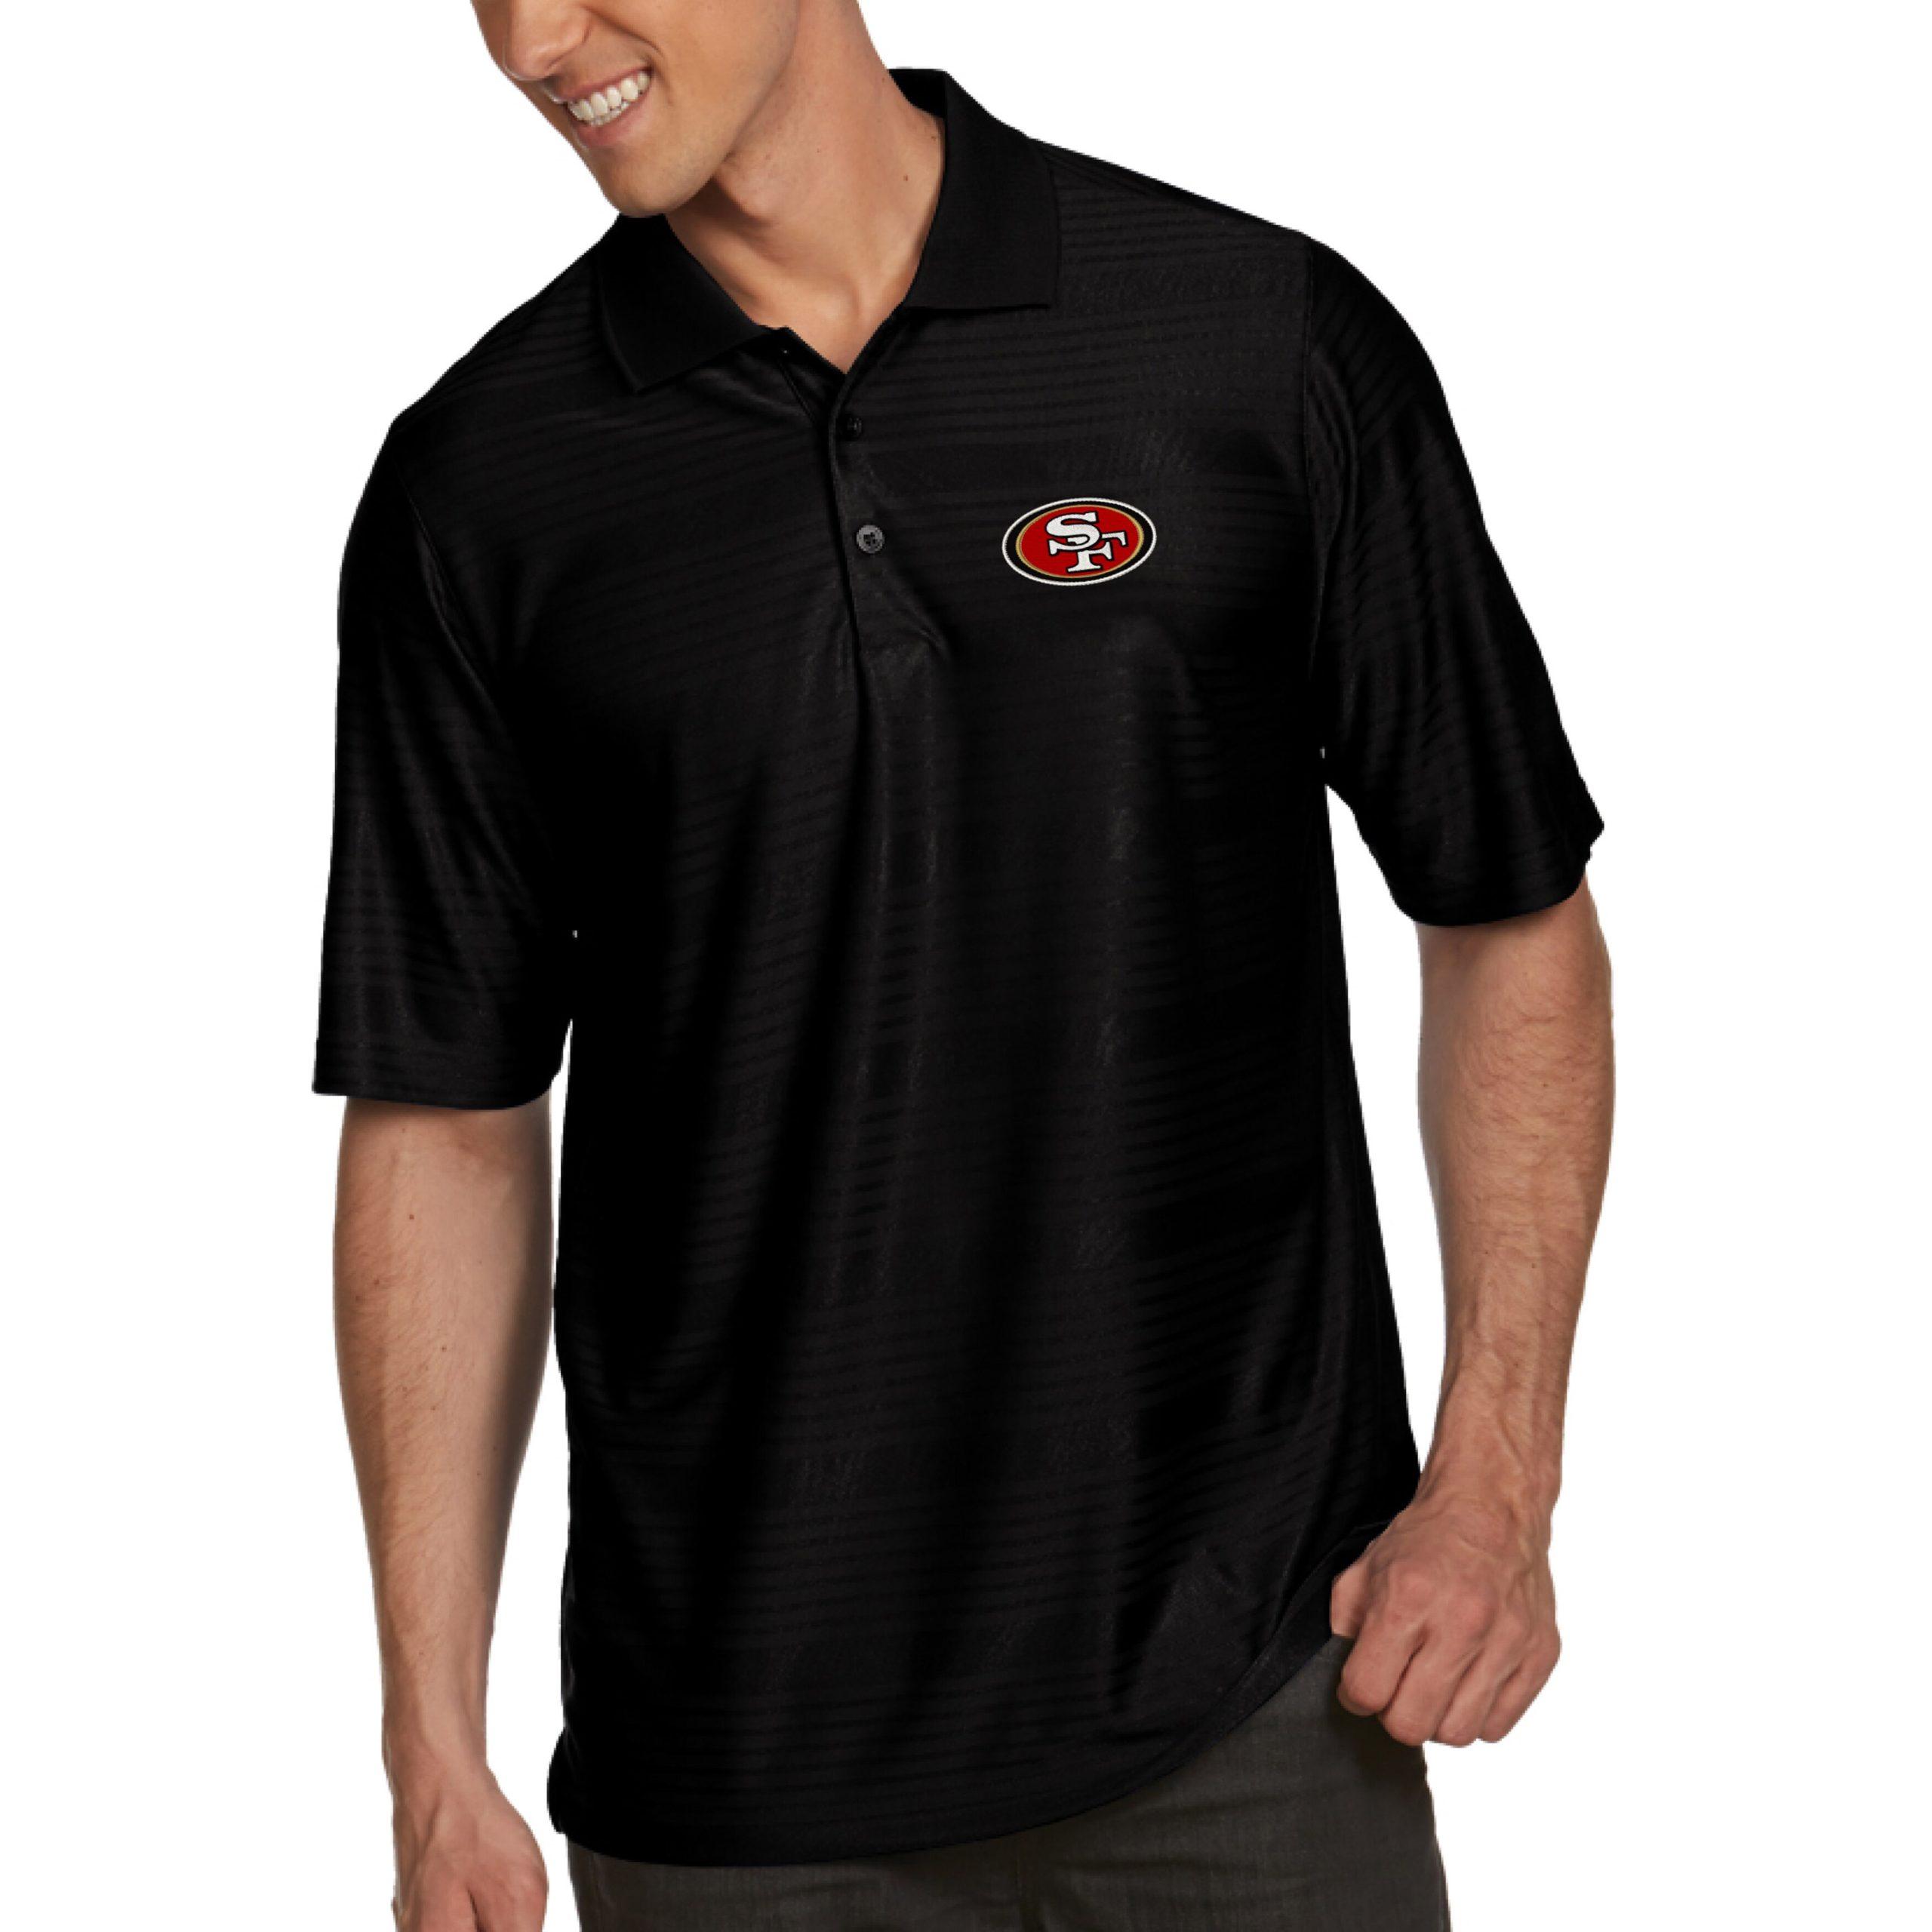 San Francisco 49ers Antigua Illusion Xtra-Lite Polo - Black